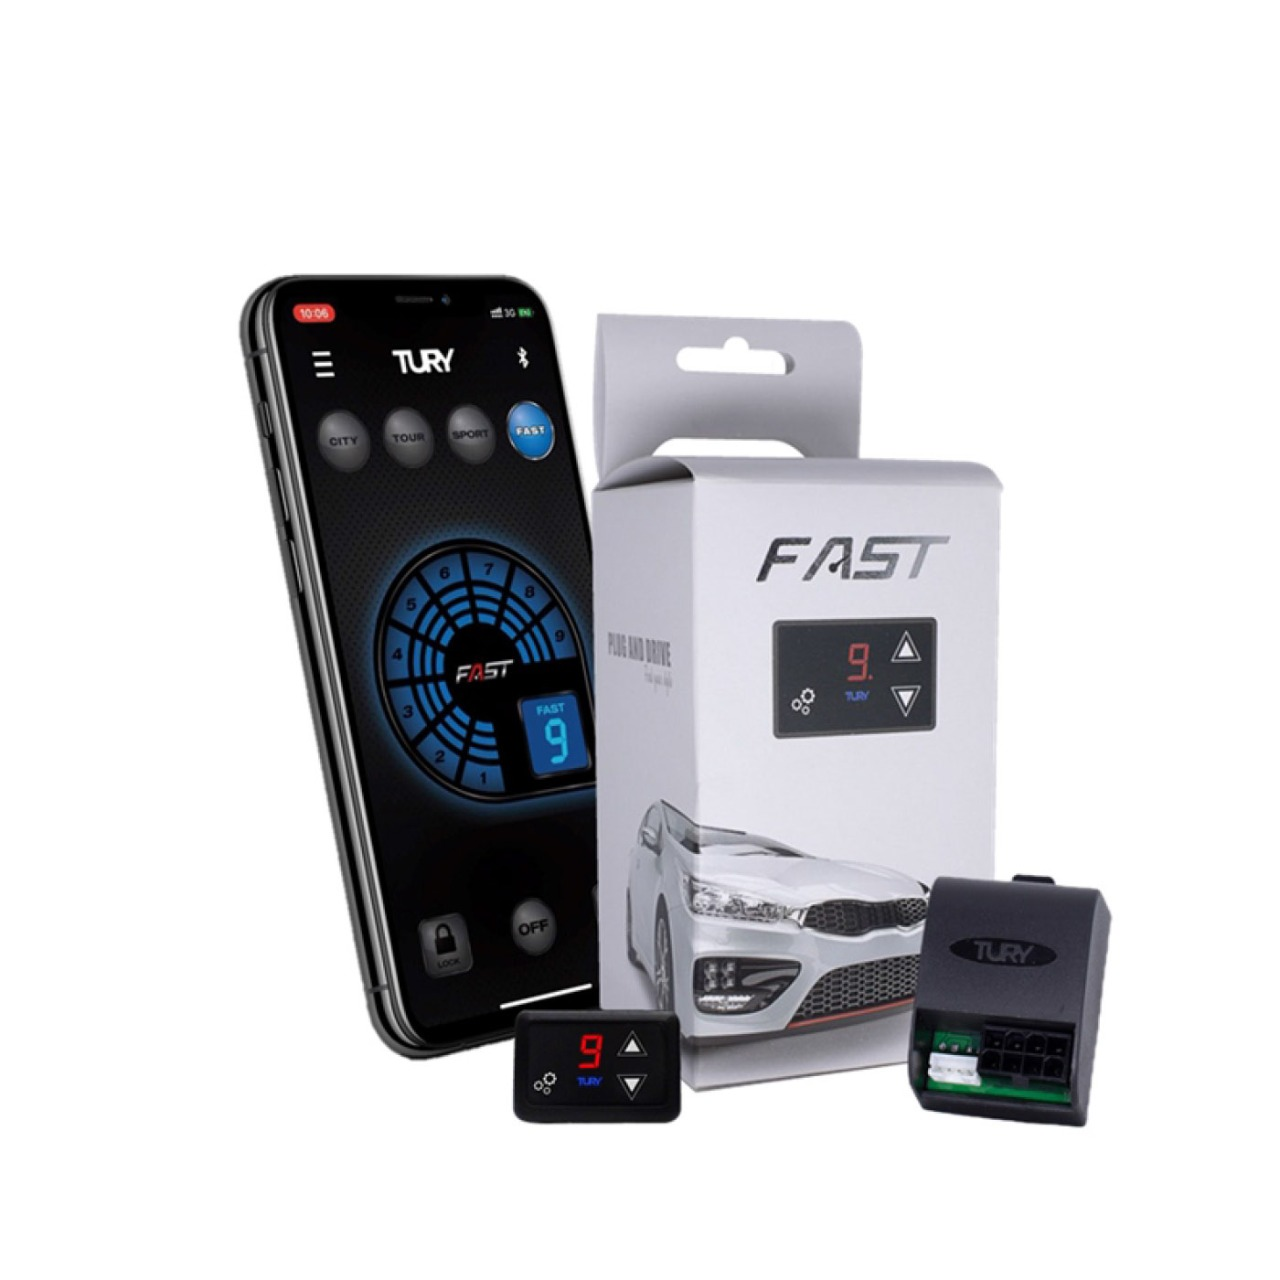 Módulo Acelerador Eletrônico para Audi Porsche Volkswagen com Bluetooth FAST2.0H Tury